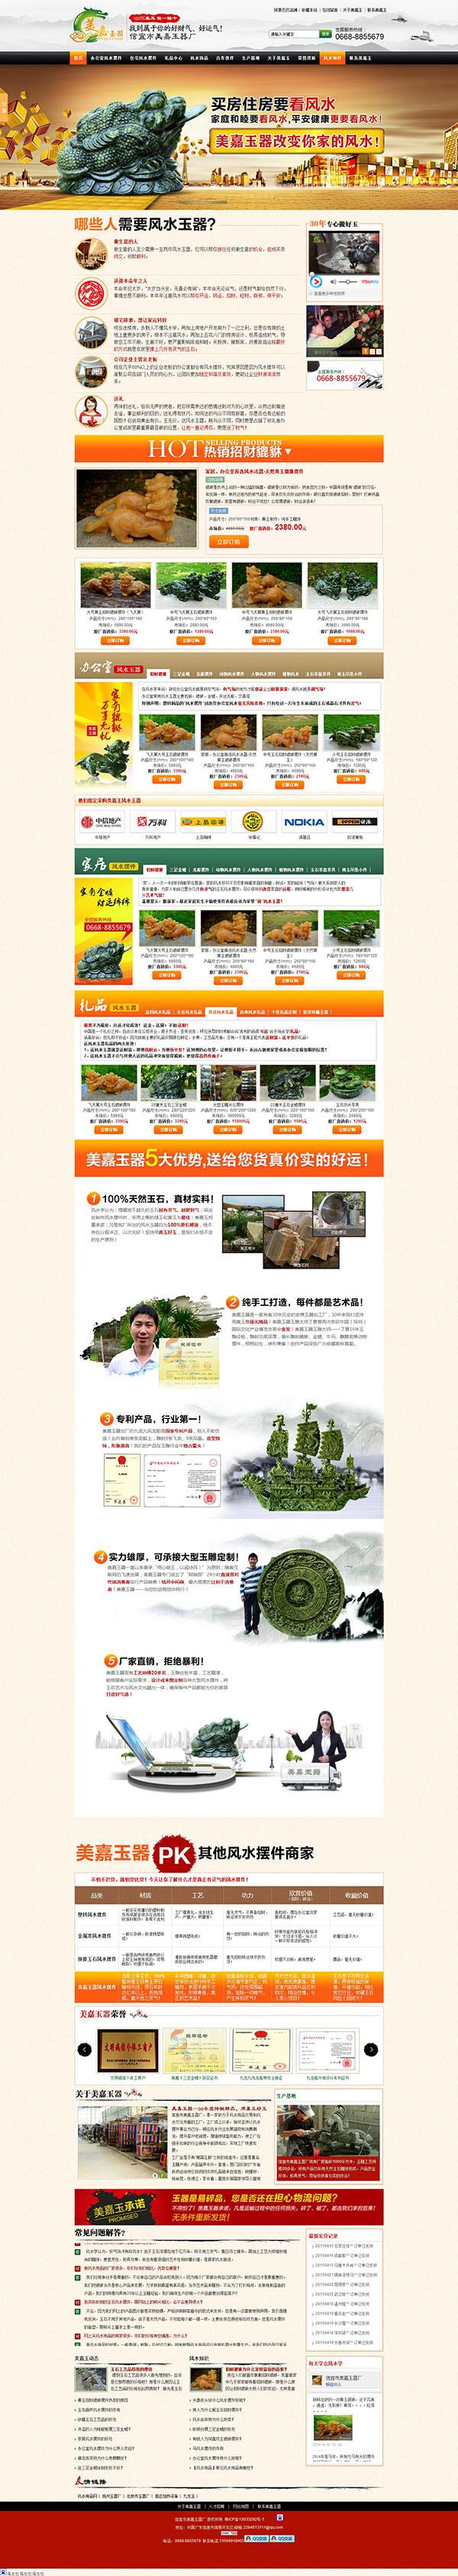 广东美嘉玉器营销型网站项目案例